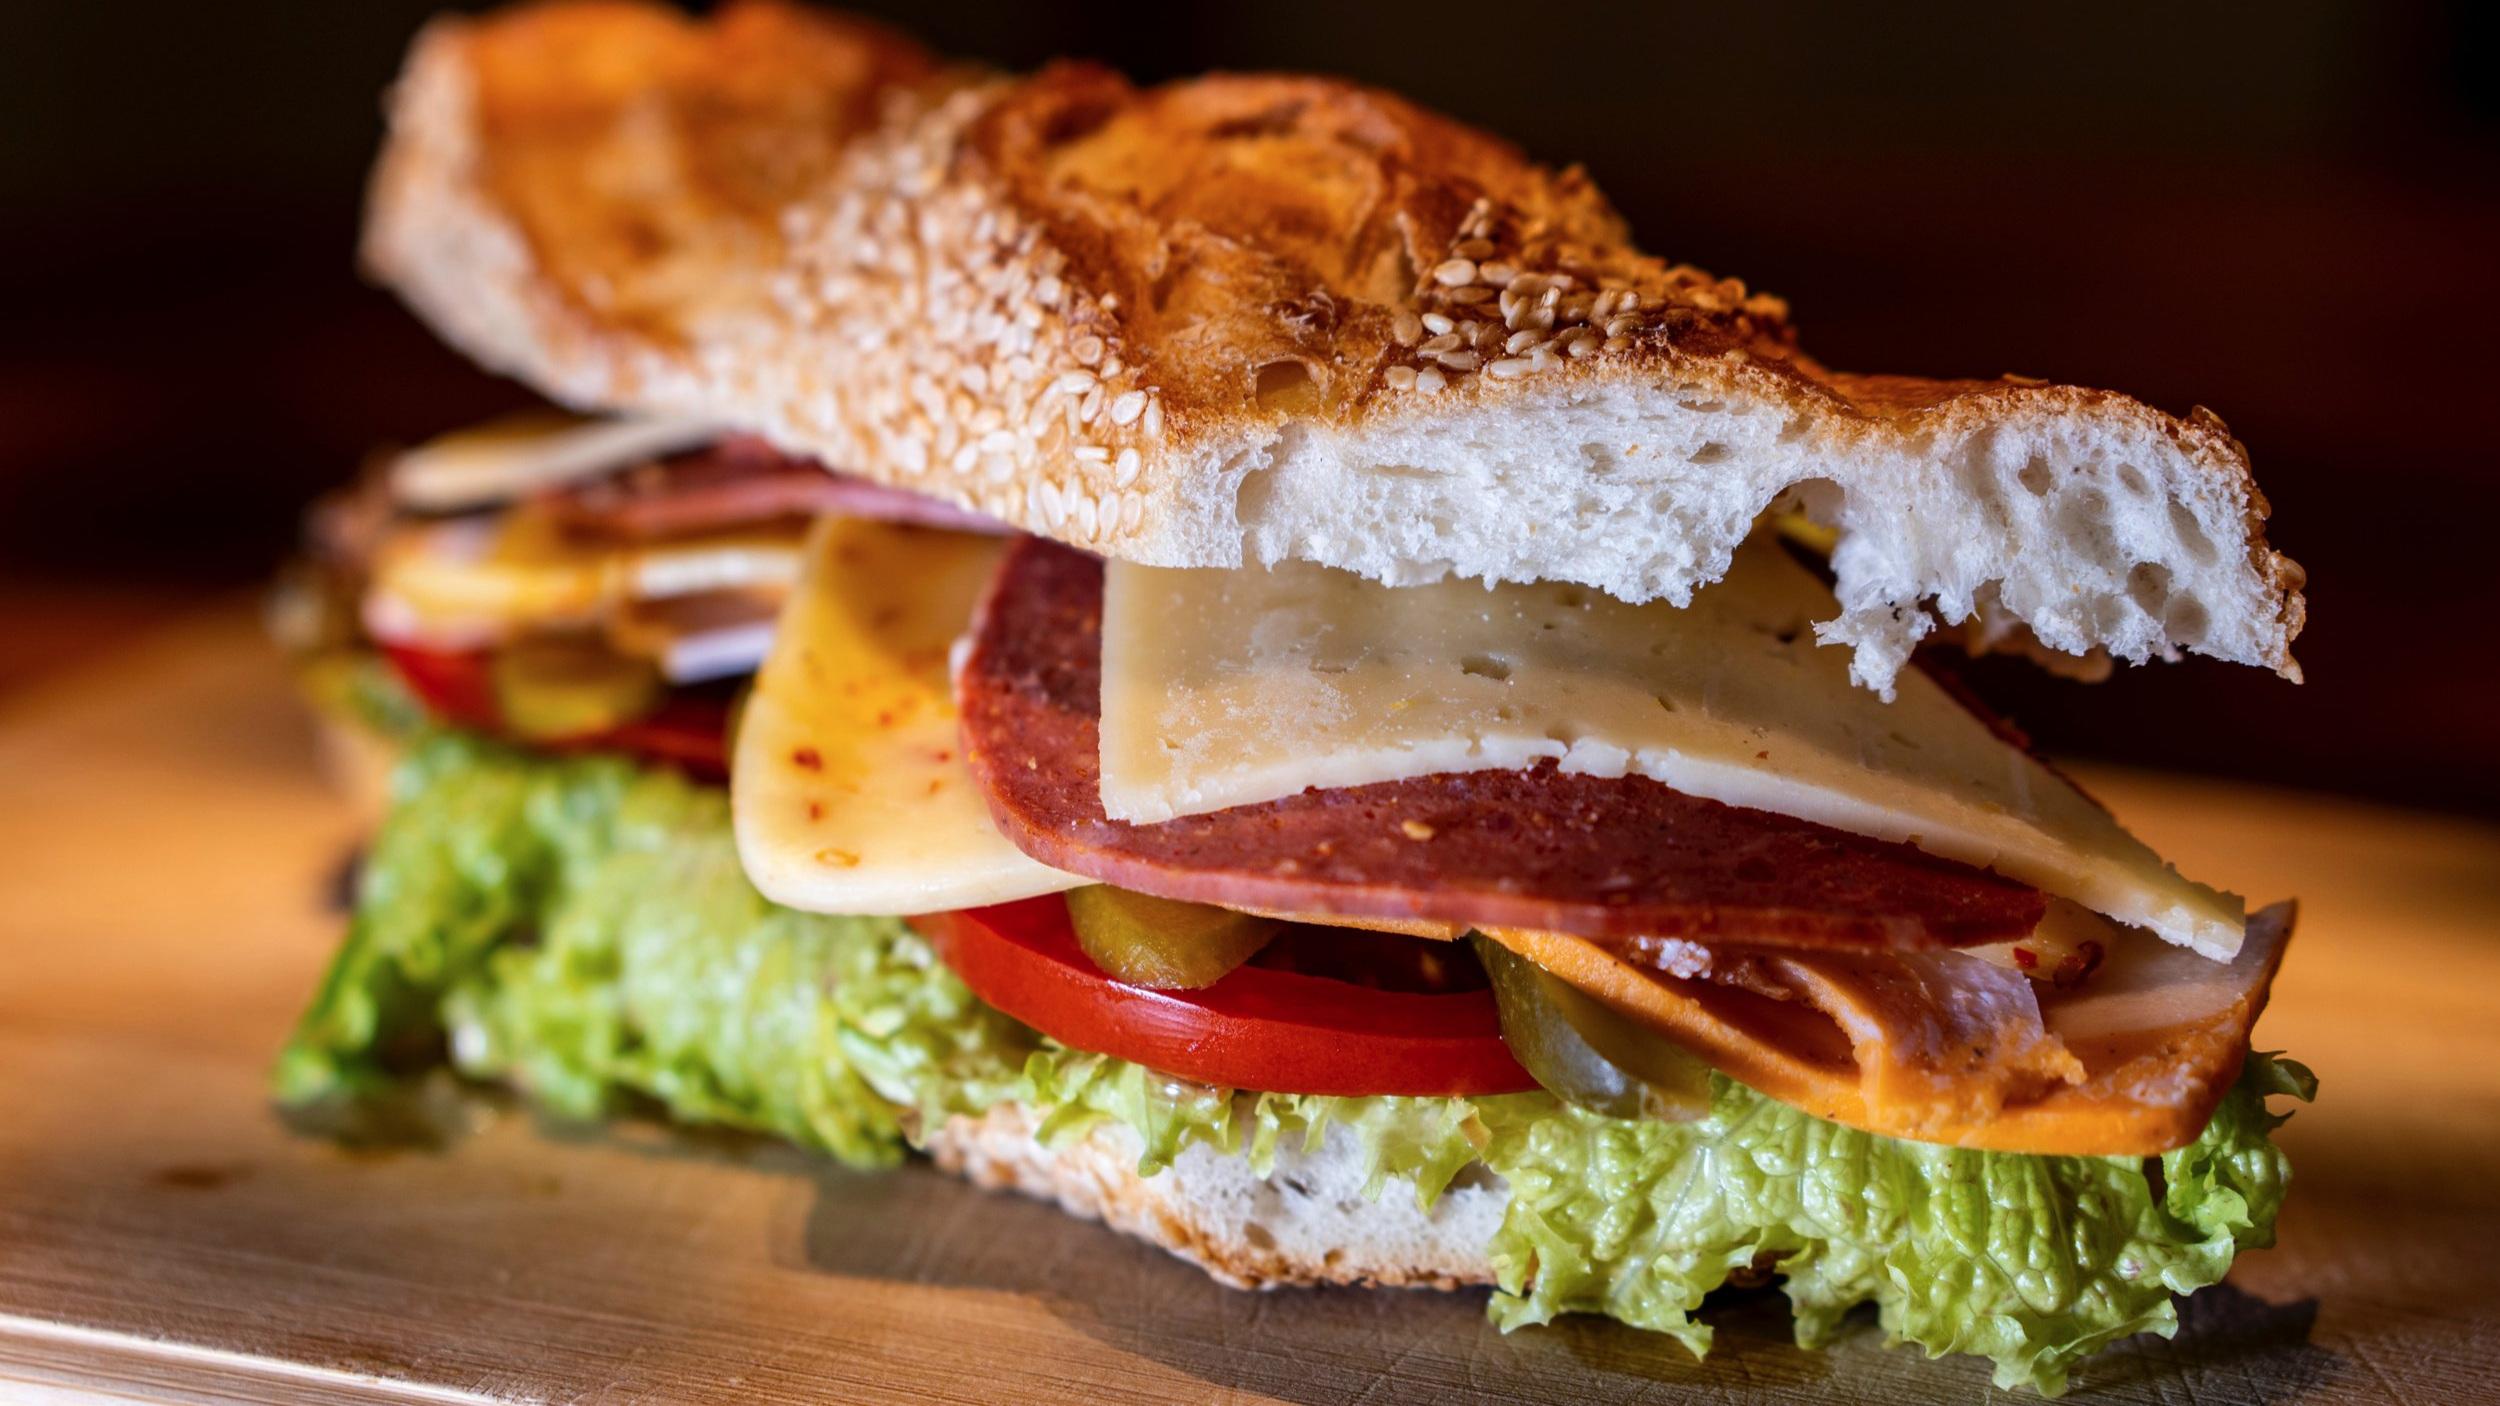 Lunchmat - Stikk innom Kafé Øyri for eit kjapt lunch-måltid eller ring 416 46 930 og bestill lunch til bedrifta di.Vi har kjøledisk og tilbyr baguettar, salatar og anna god lunch-matBESTILL LUNCHMAT